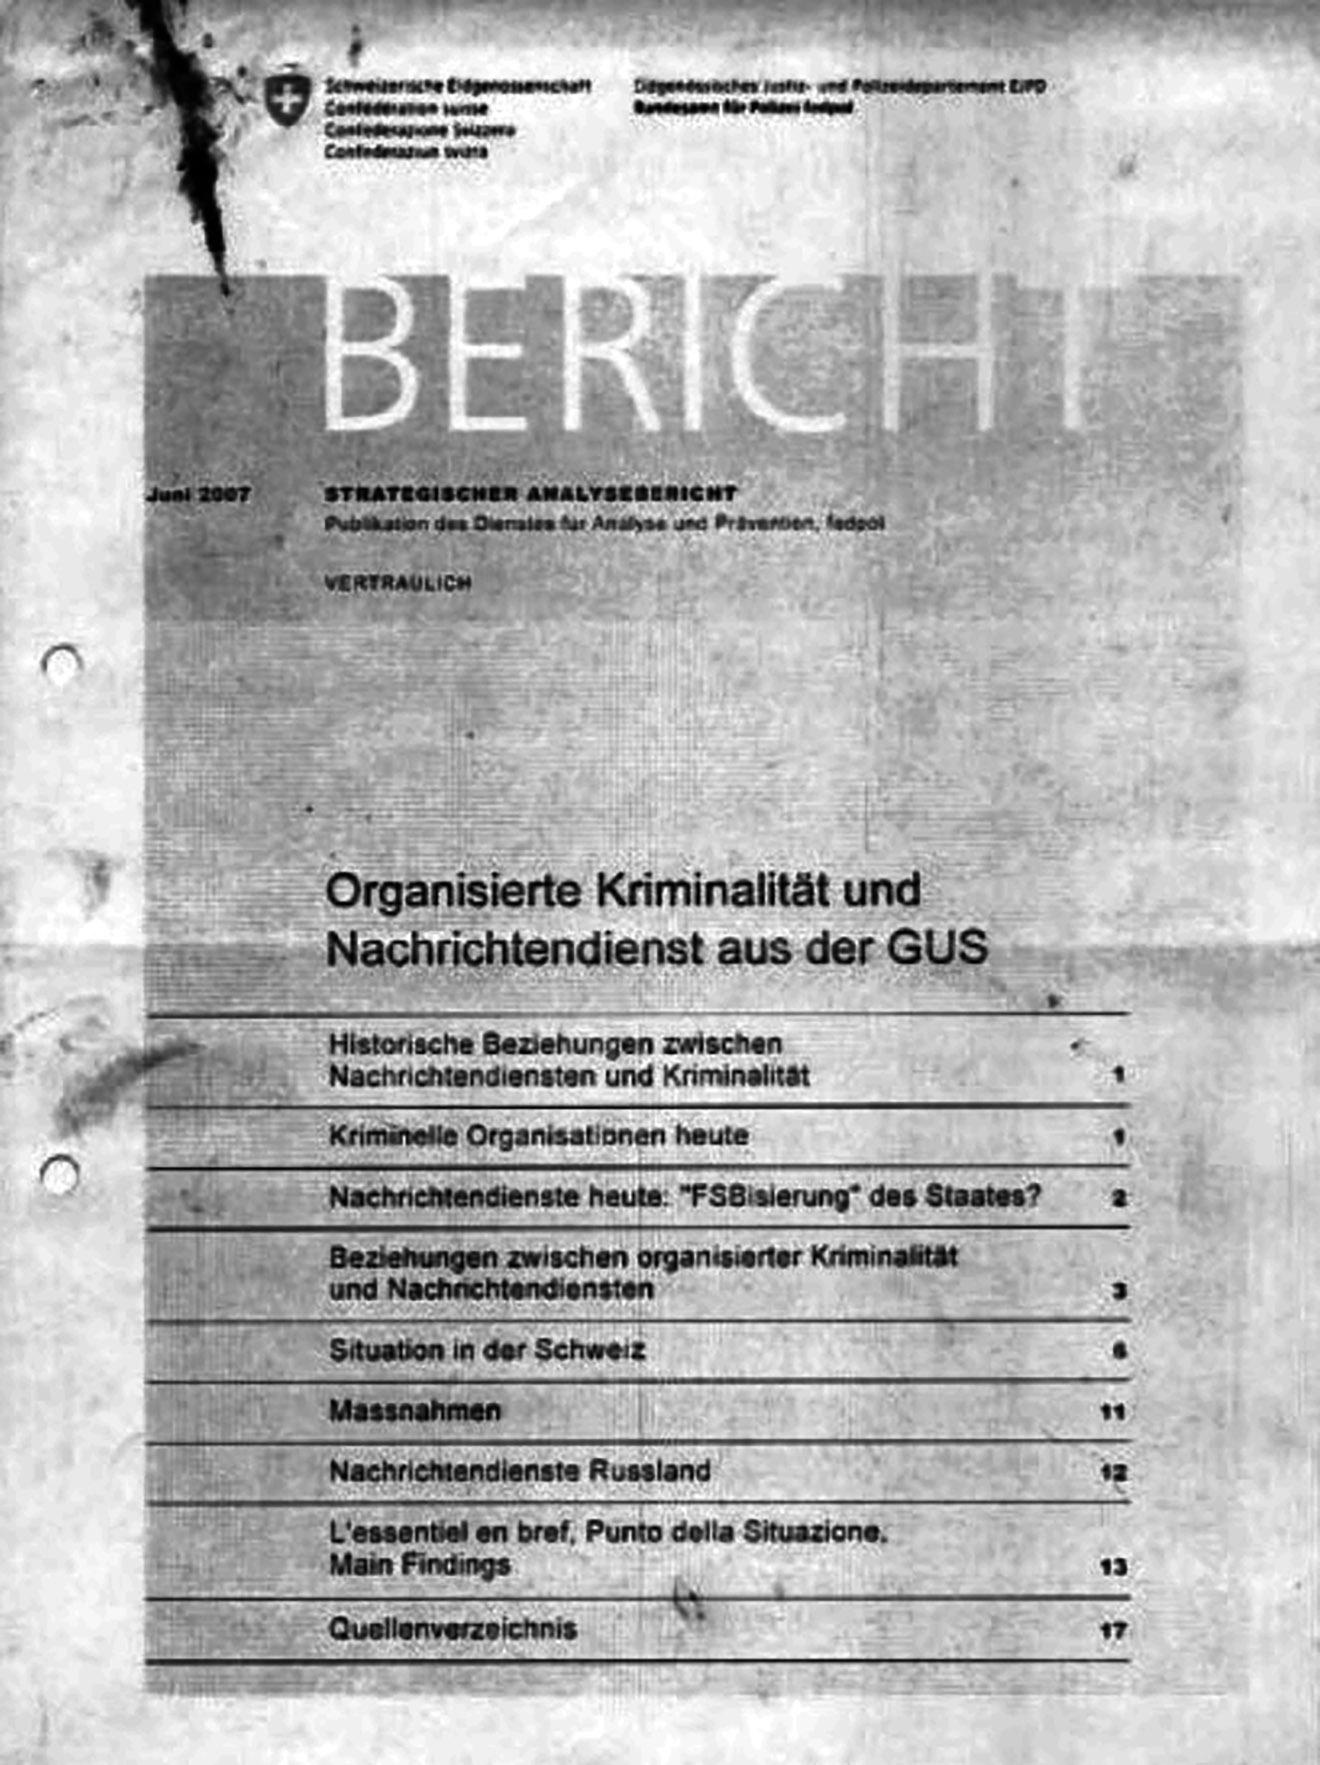 Обложка отчета на немецком языке